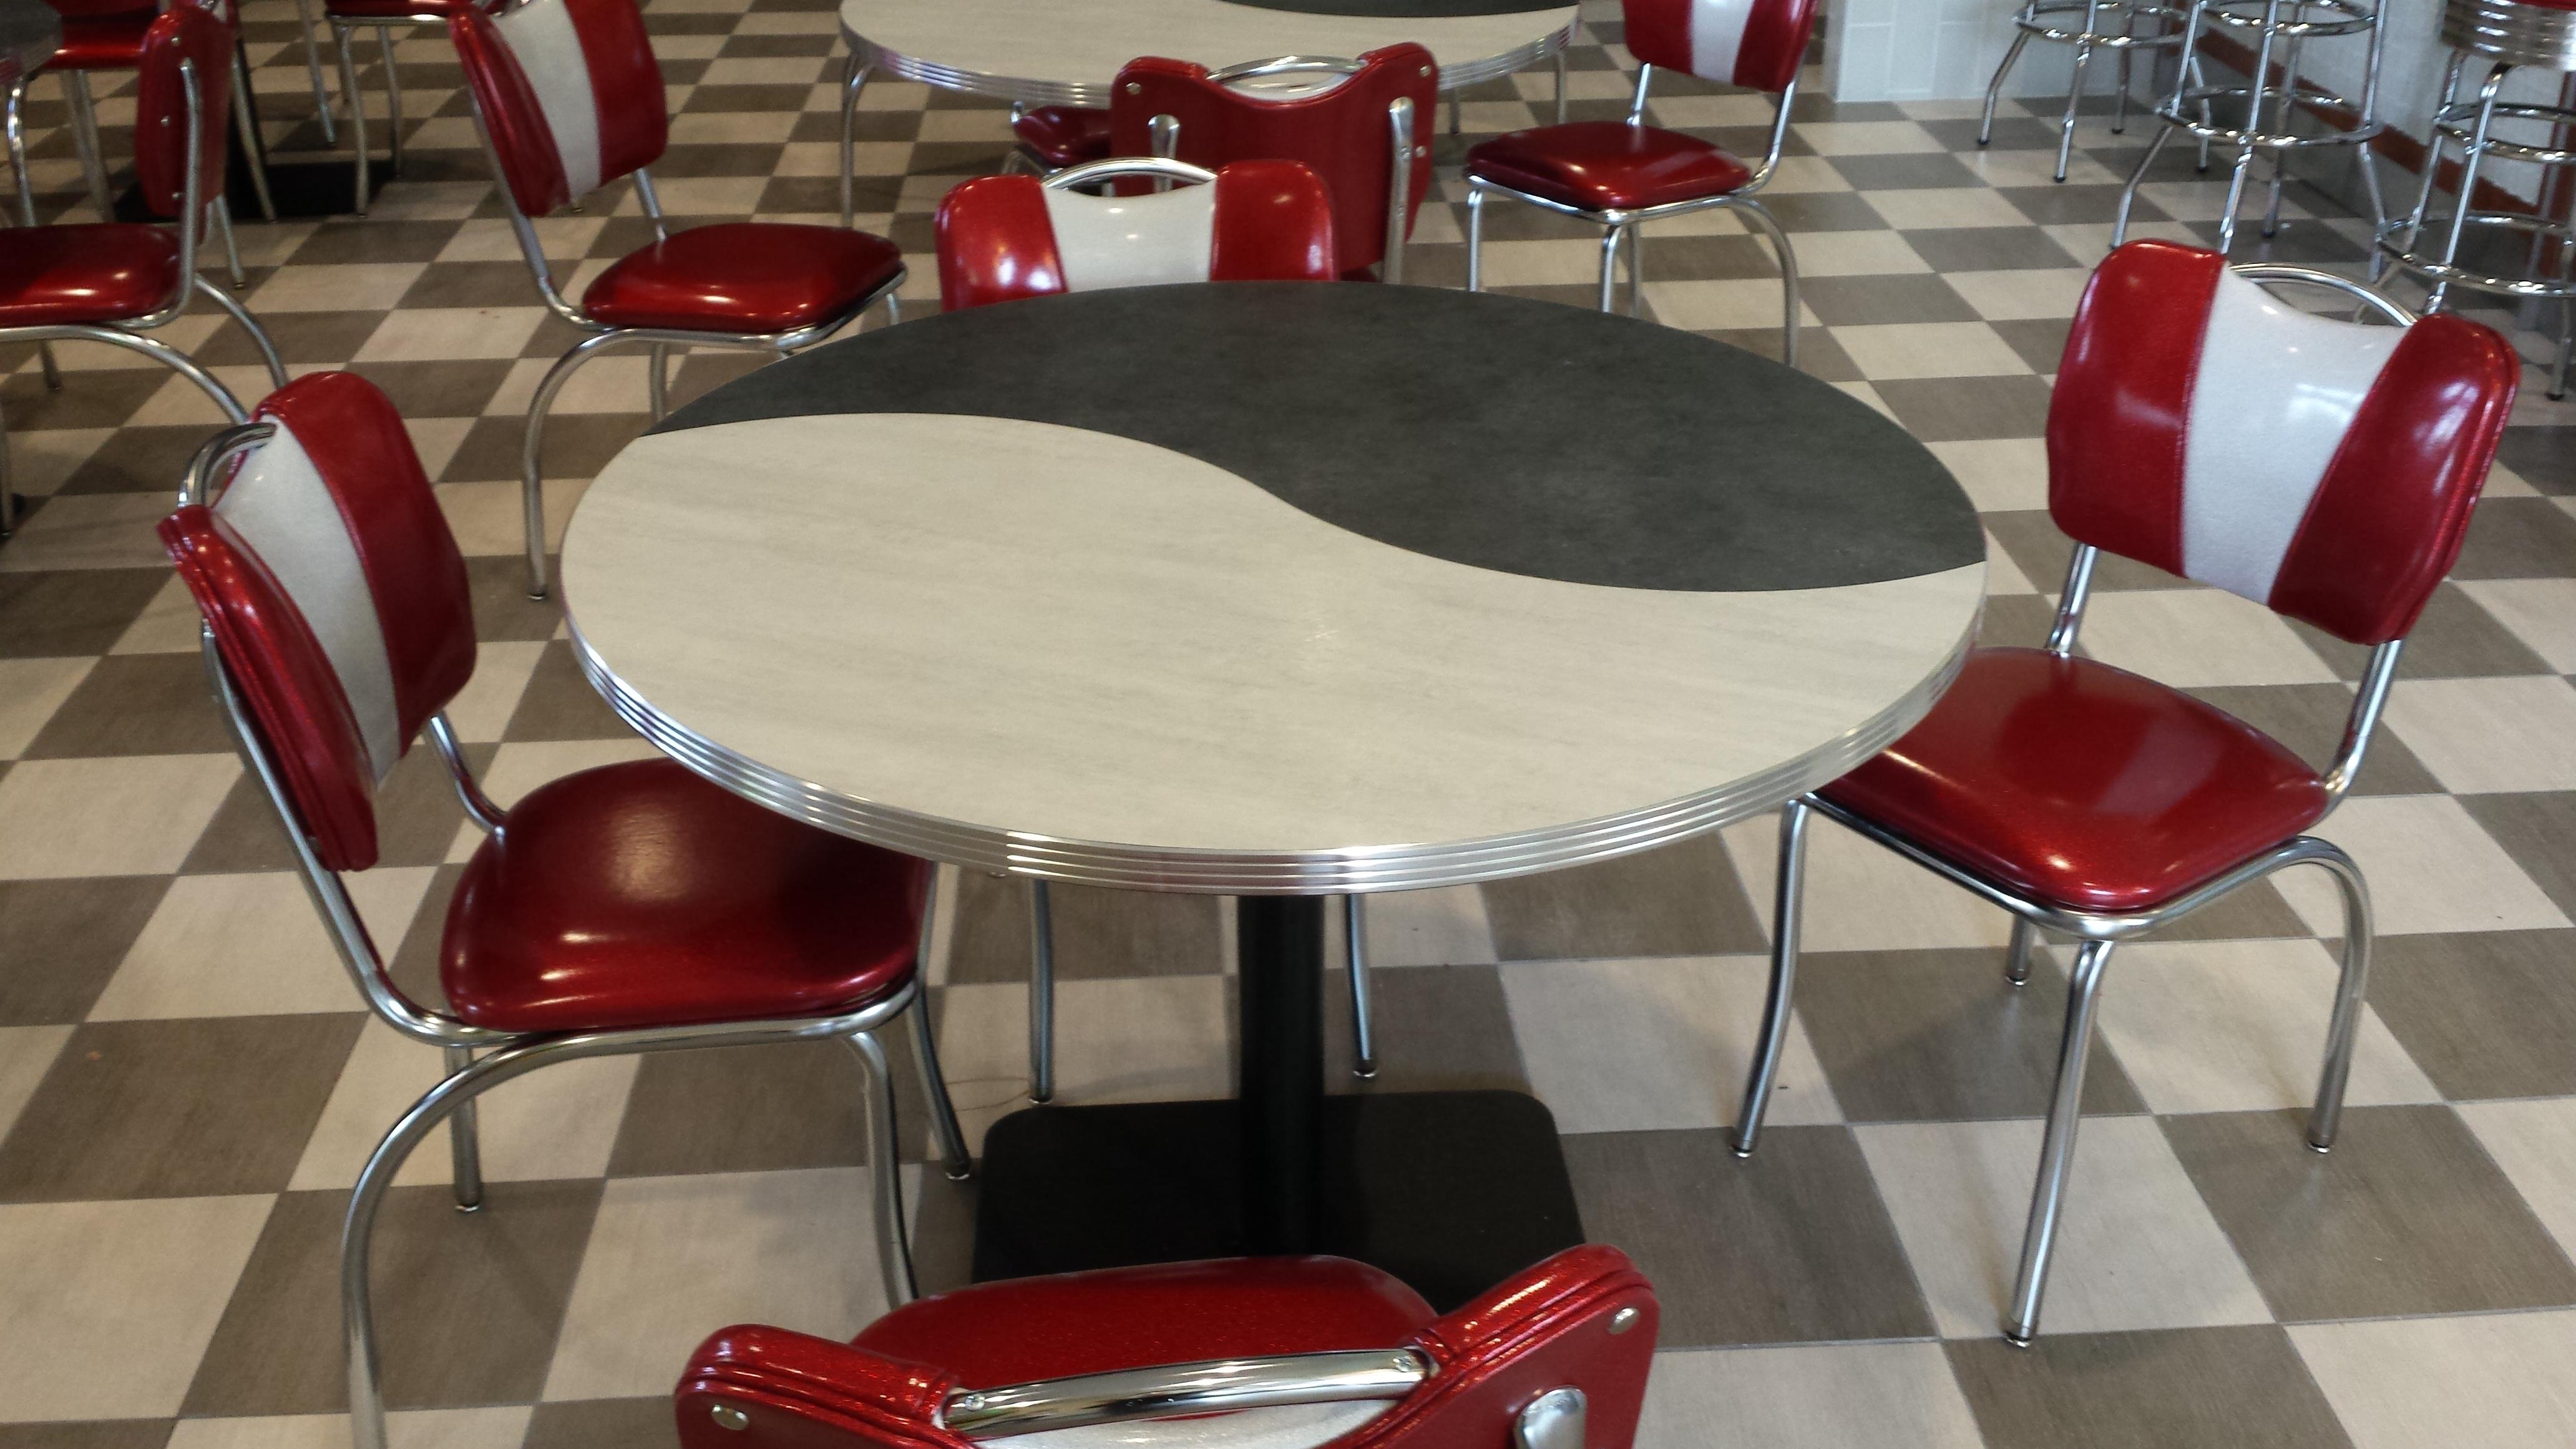 Milkshake Venue Custom Retro Dining Furnishings